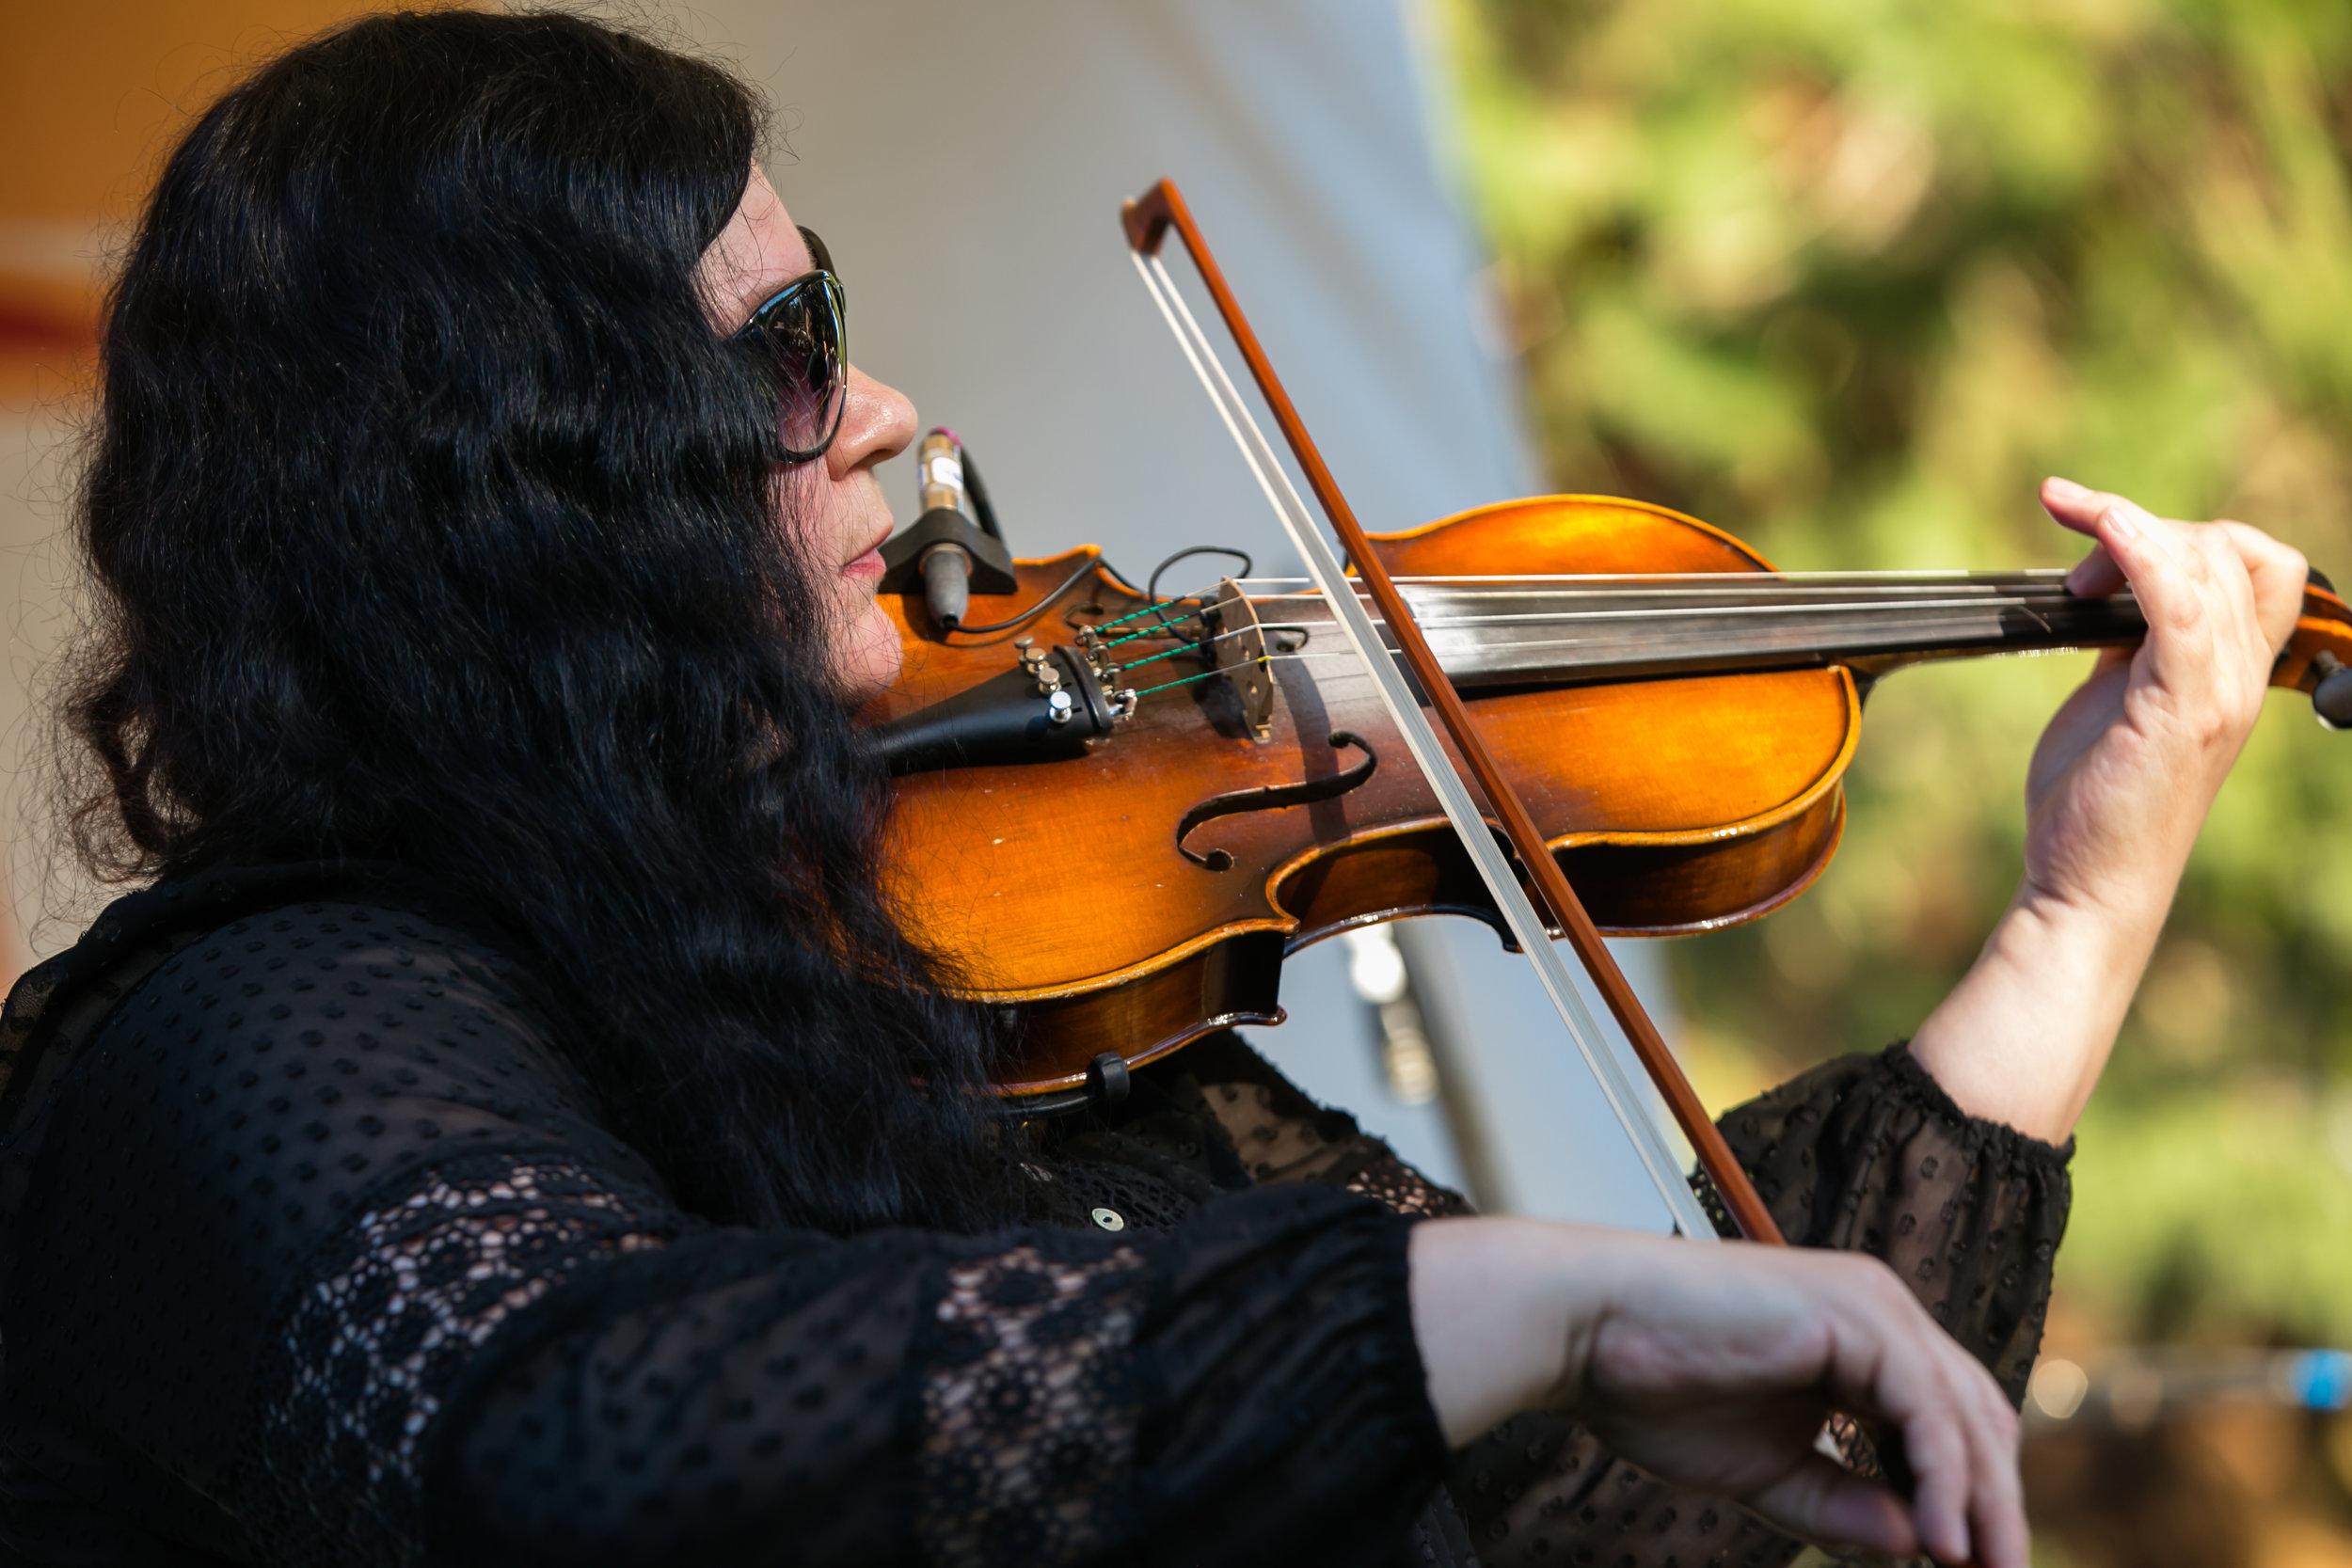 Violinsit.jpg